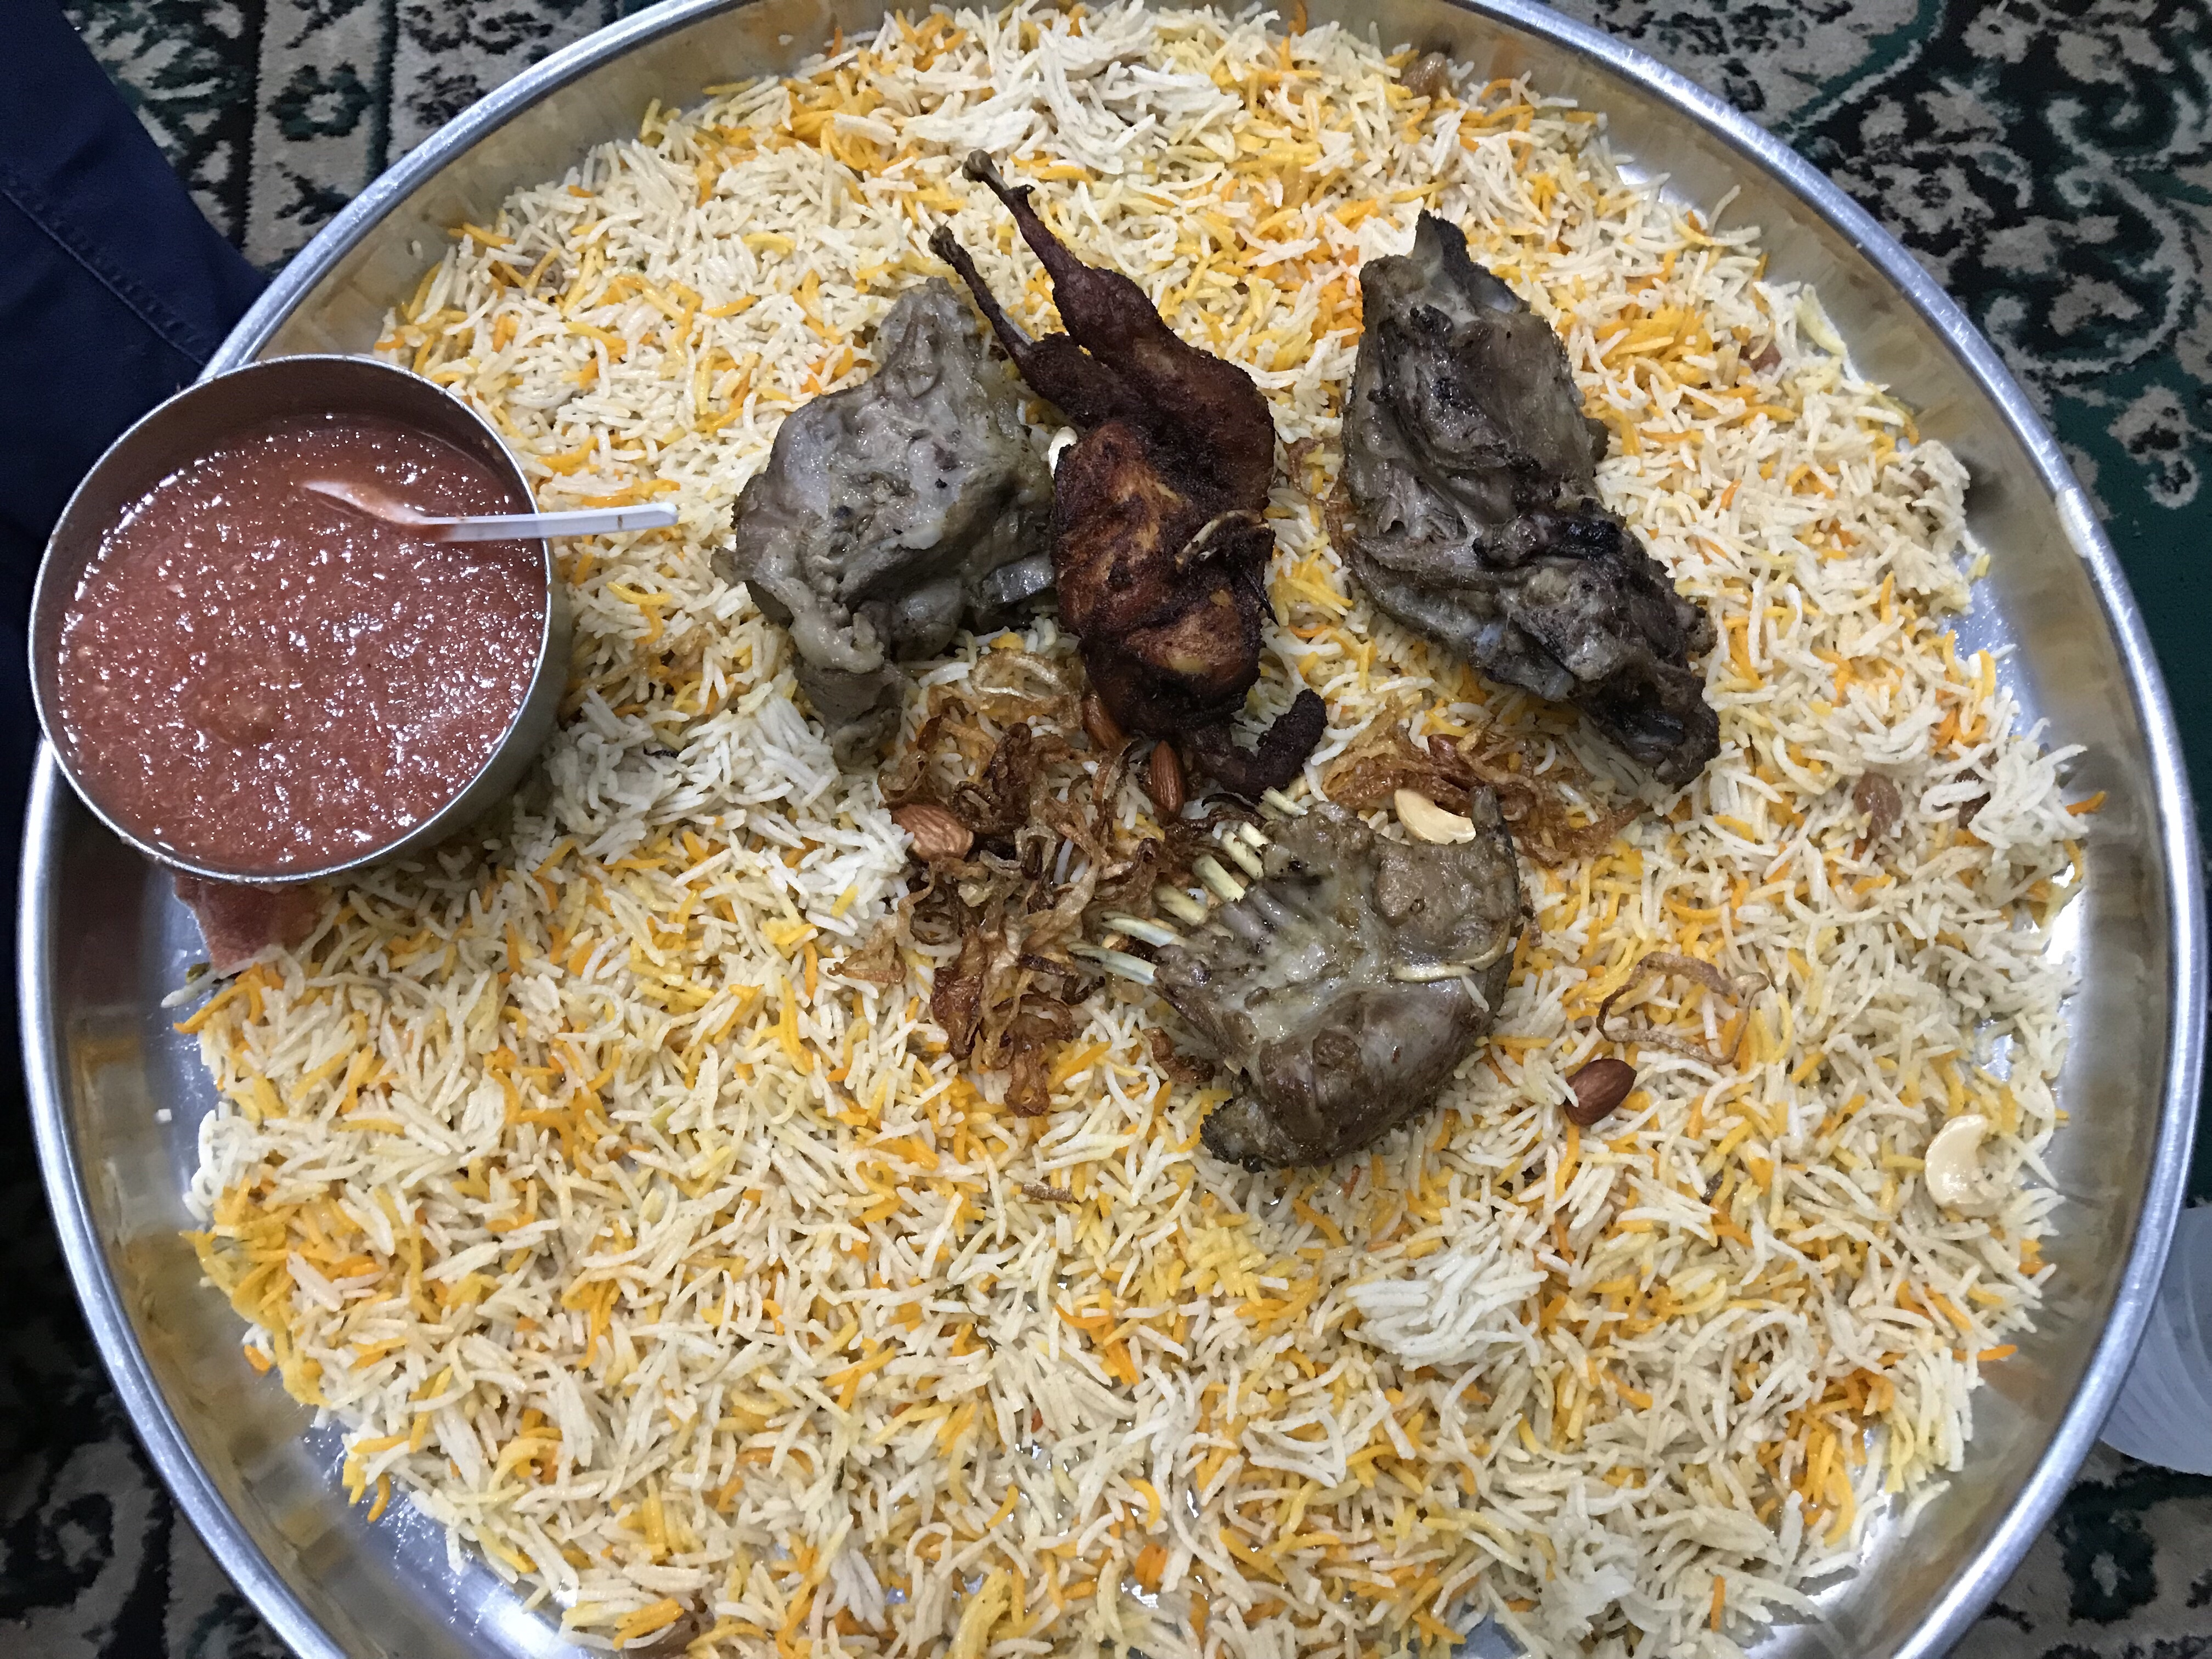 Mataam al arabi (errakunta, pahadi shareef Road, Hyderabad)